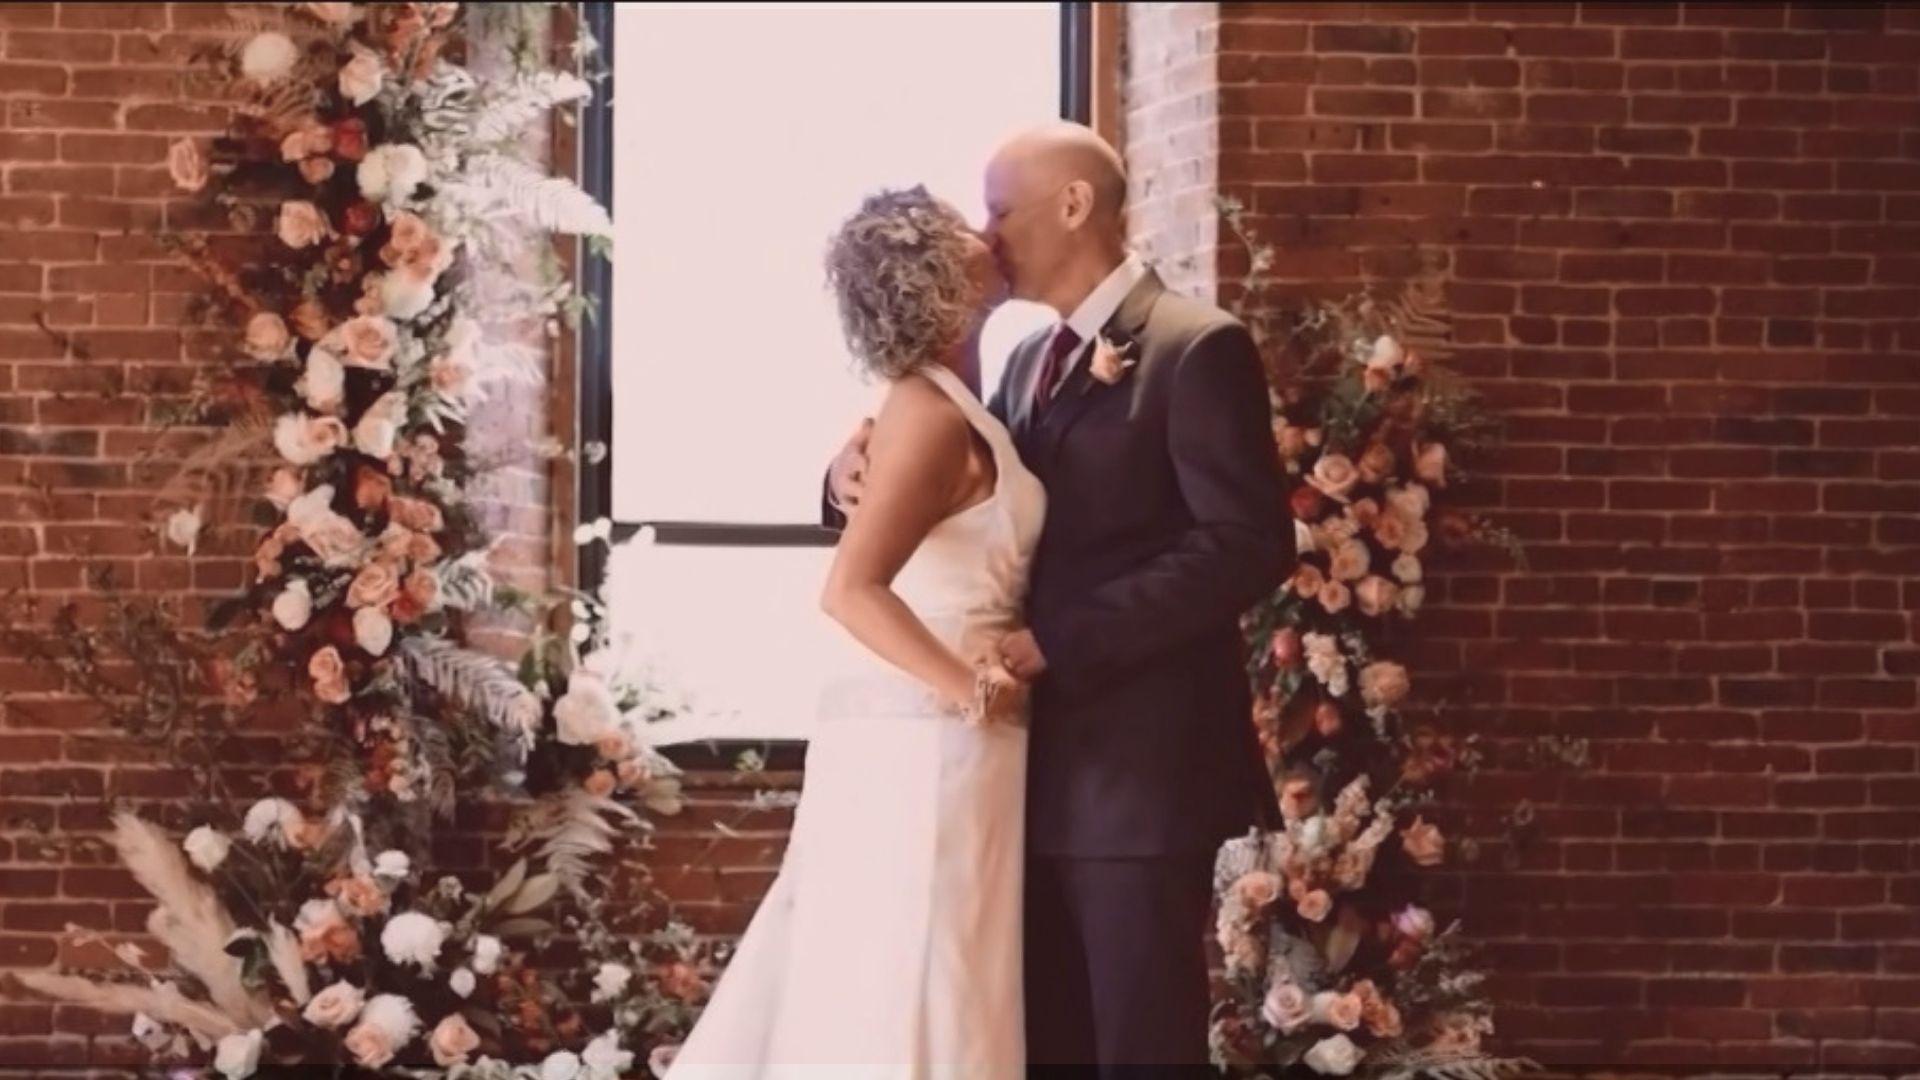 Peter e Lisa Marshall são casados há 12 anos e renovaram seus votos matrimoniais em abril. Foto: Reprodução/CNN